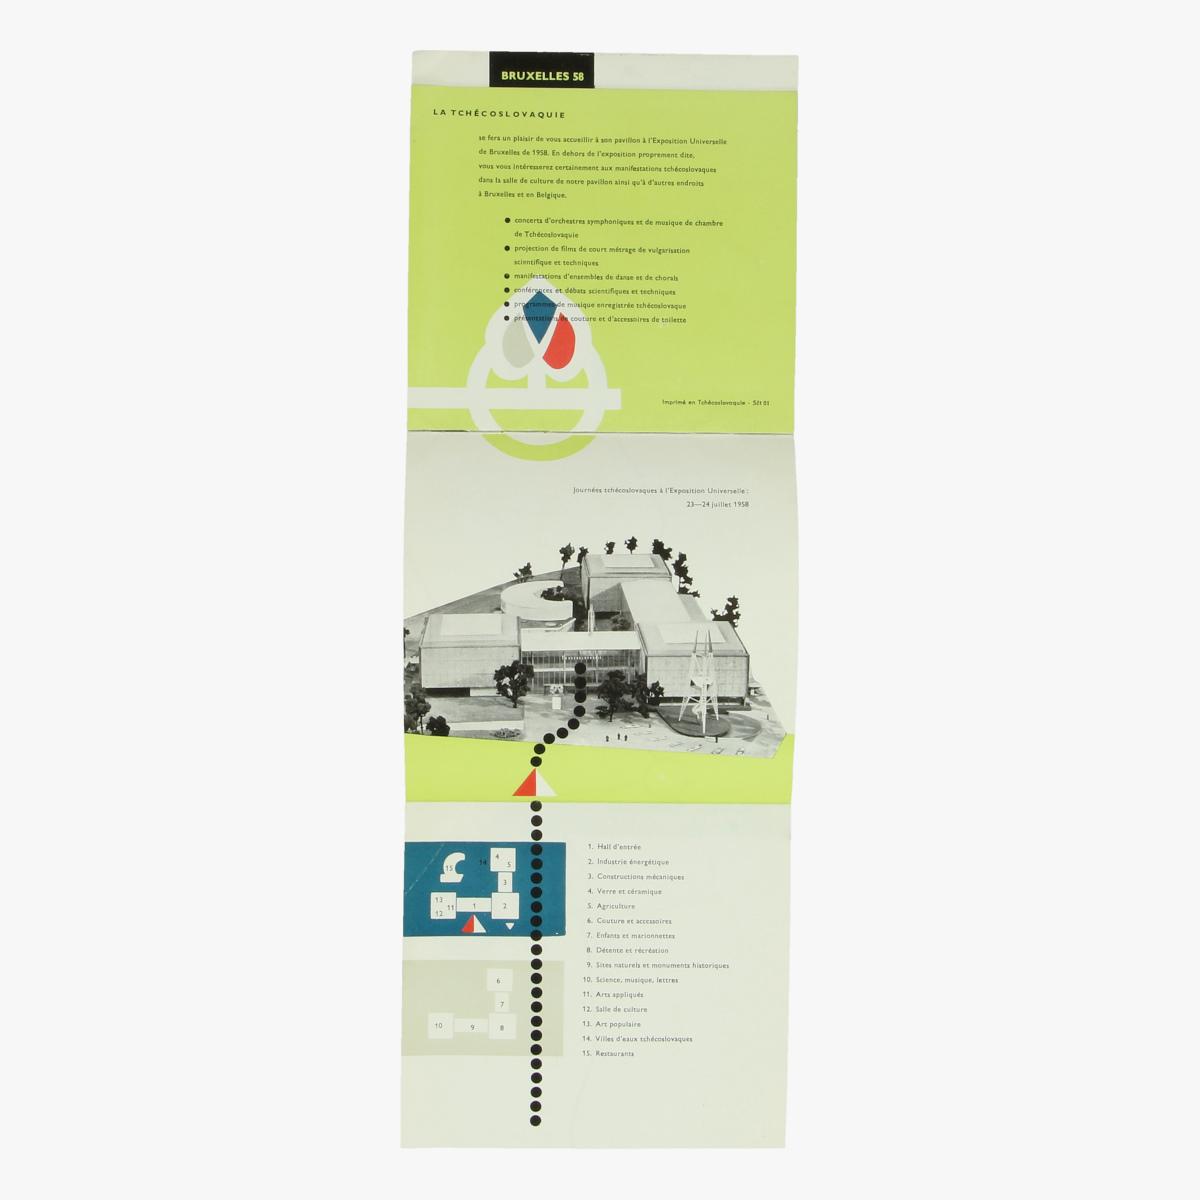 Afbeeldingen van expo 58 ceskoslovensko bruxelles